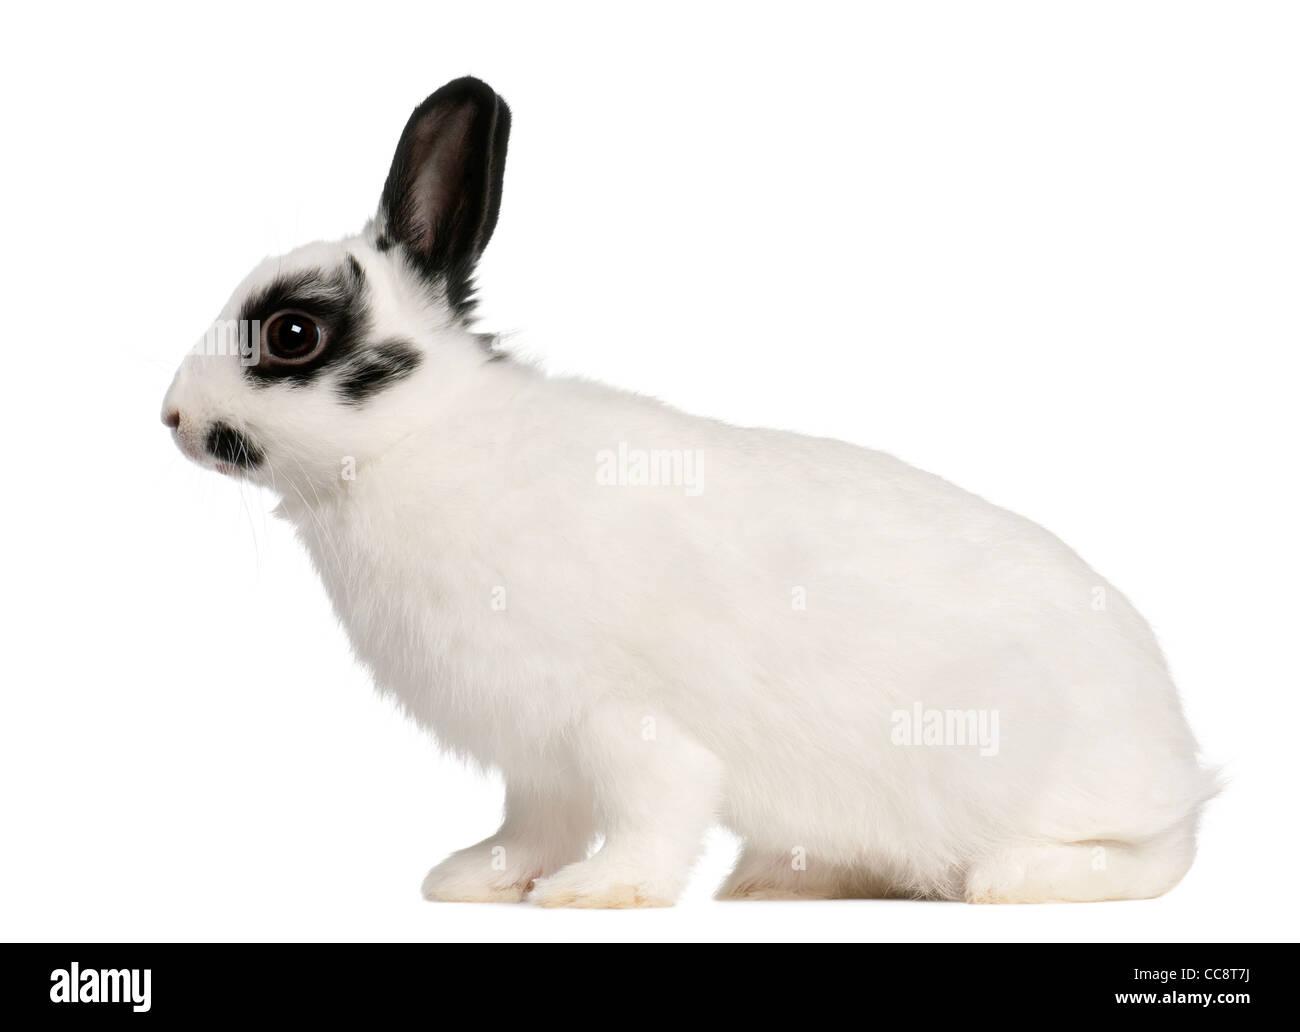 Coniglio dalmata, 2 mesi di età, oryctolagus cuniculus, seduto di fronte a uno sfondo bianco Immagini Stock